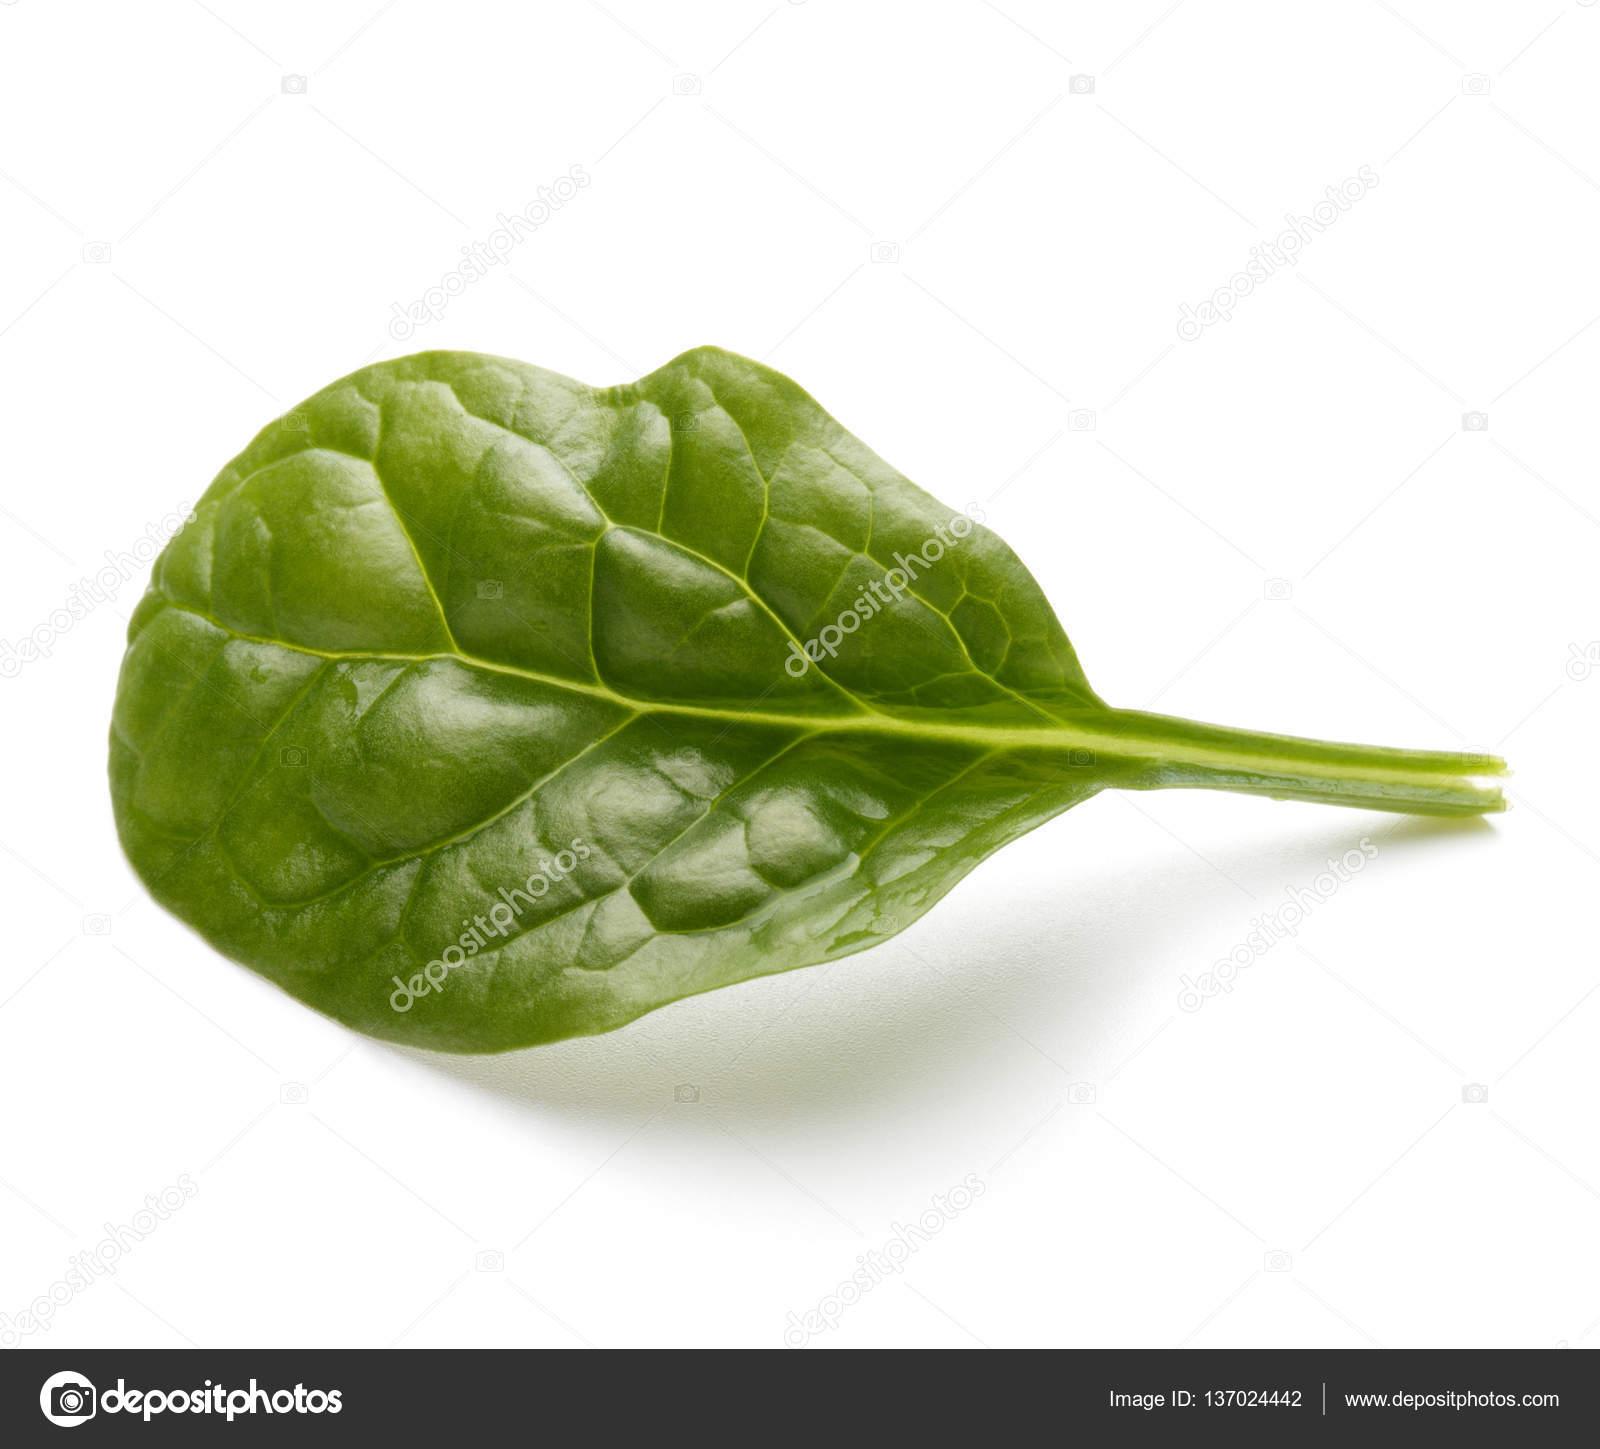 Fotos hojas de espinacas 6